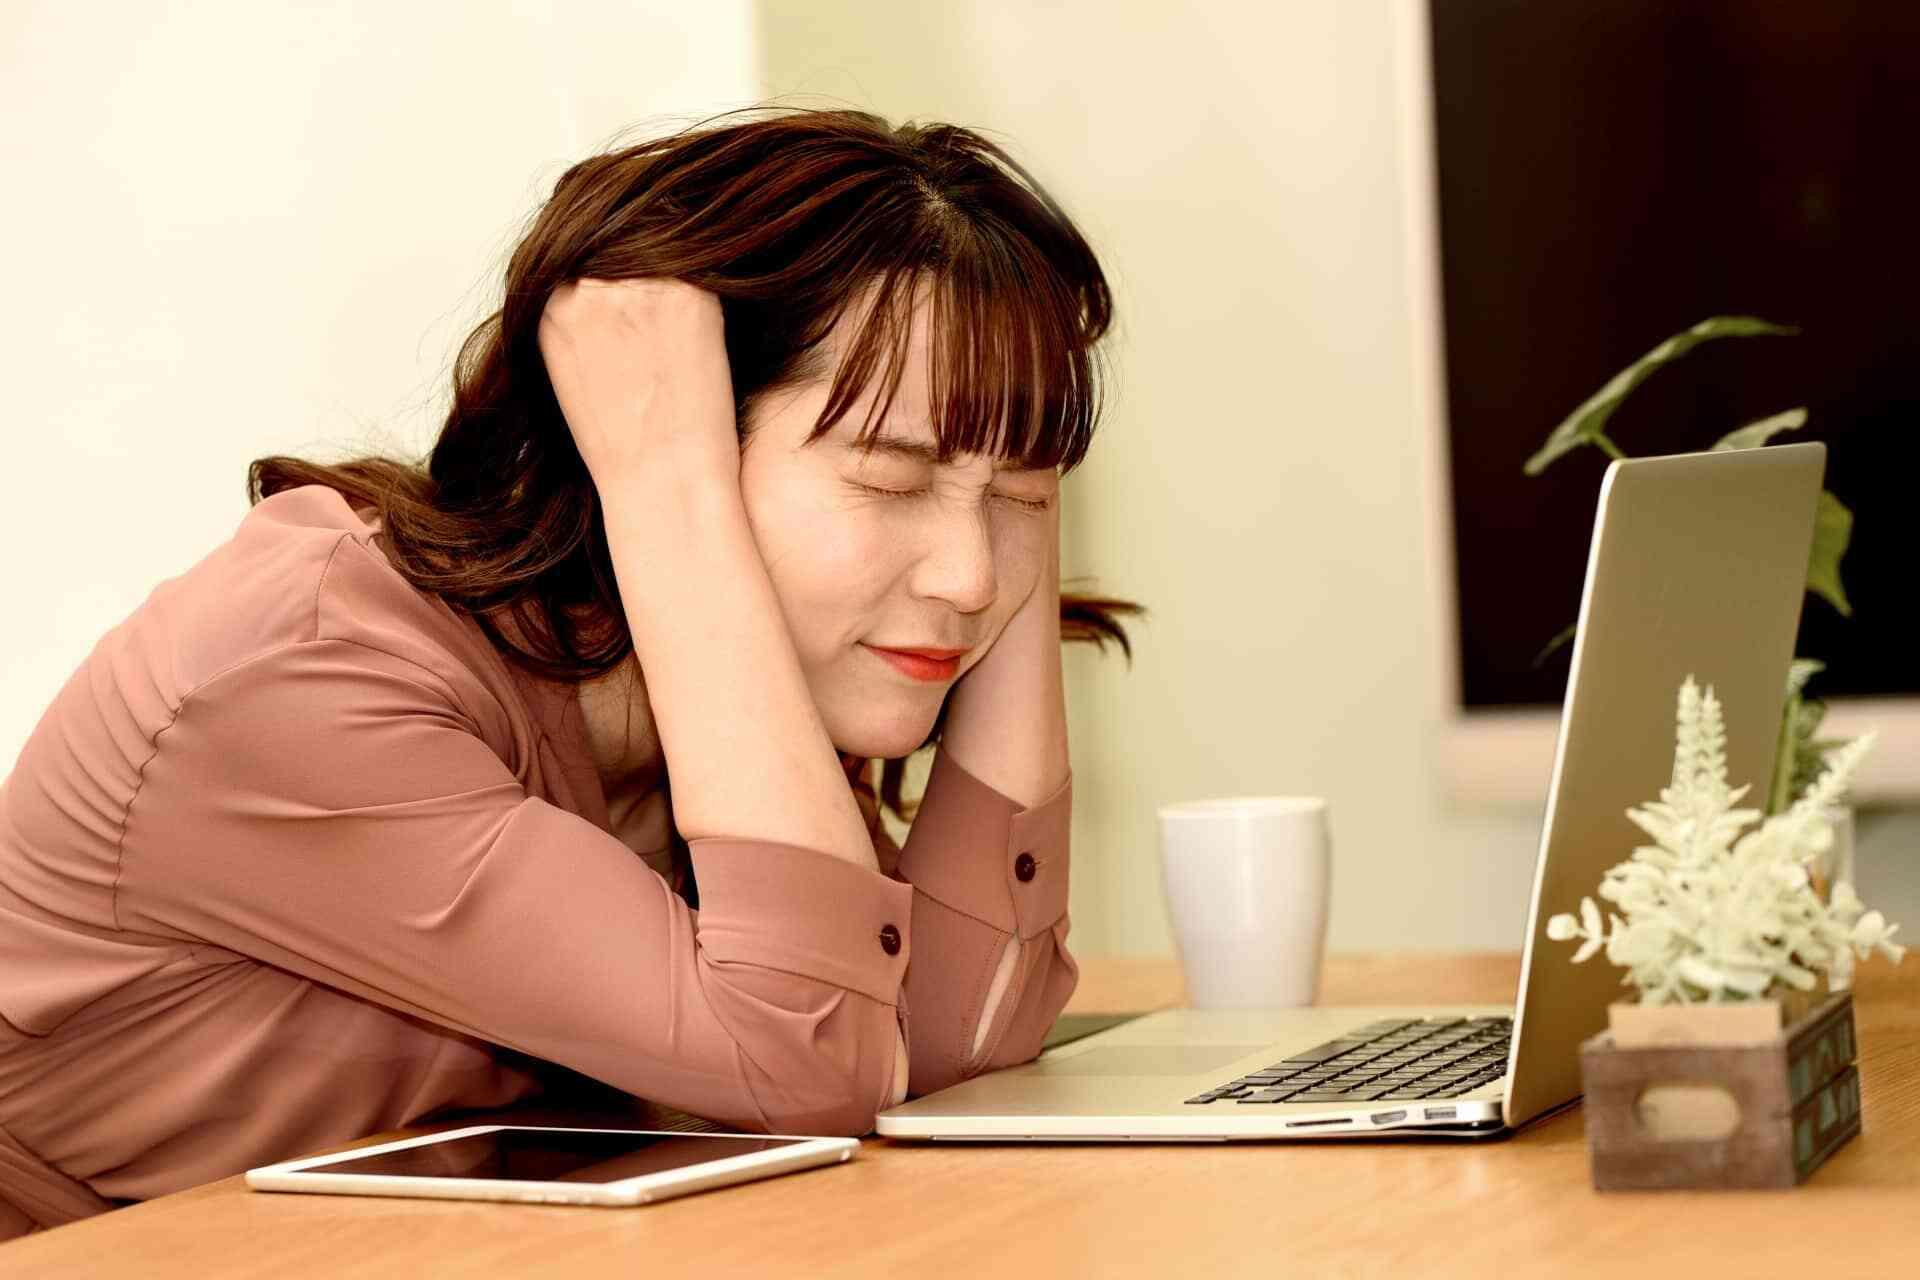 就活がうまくいかないと感じる就活生が多い